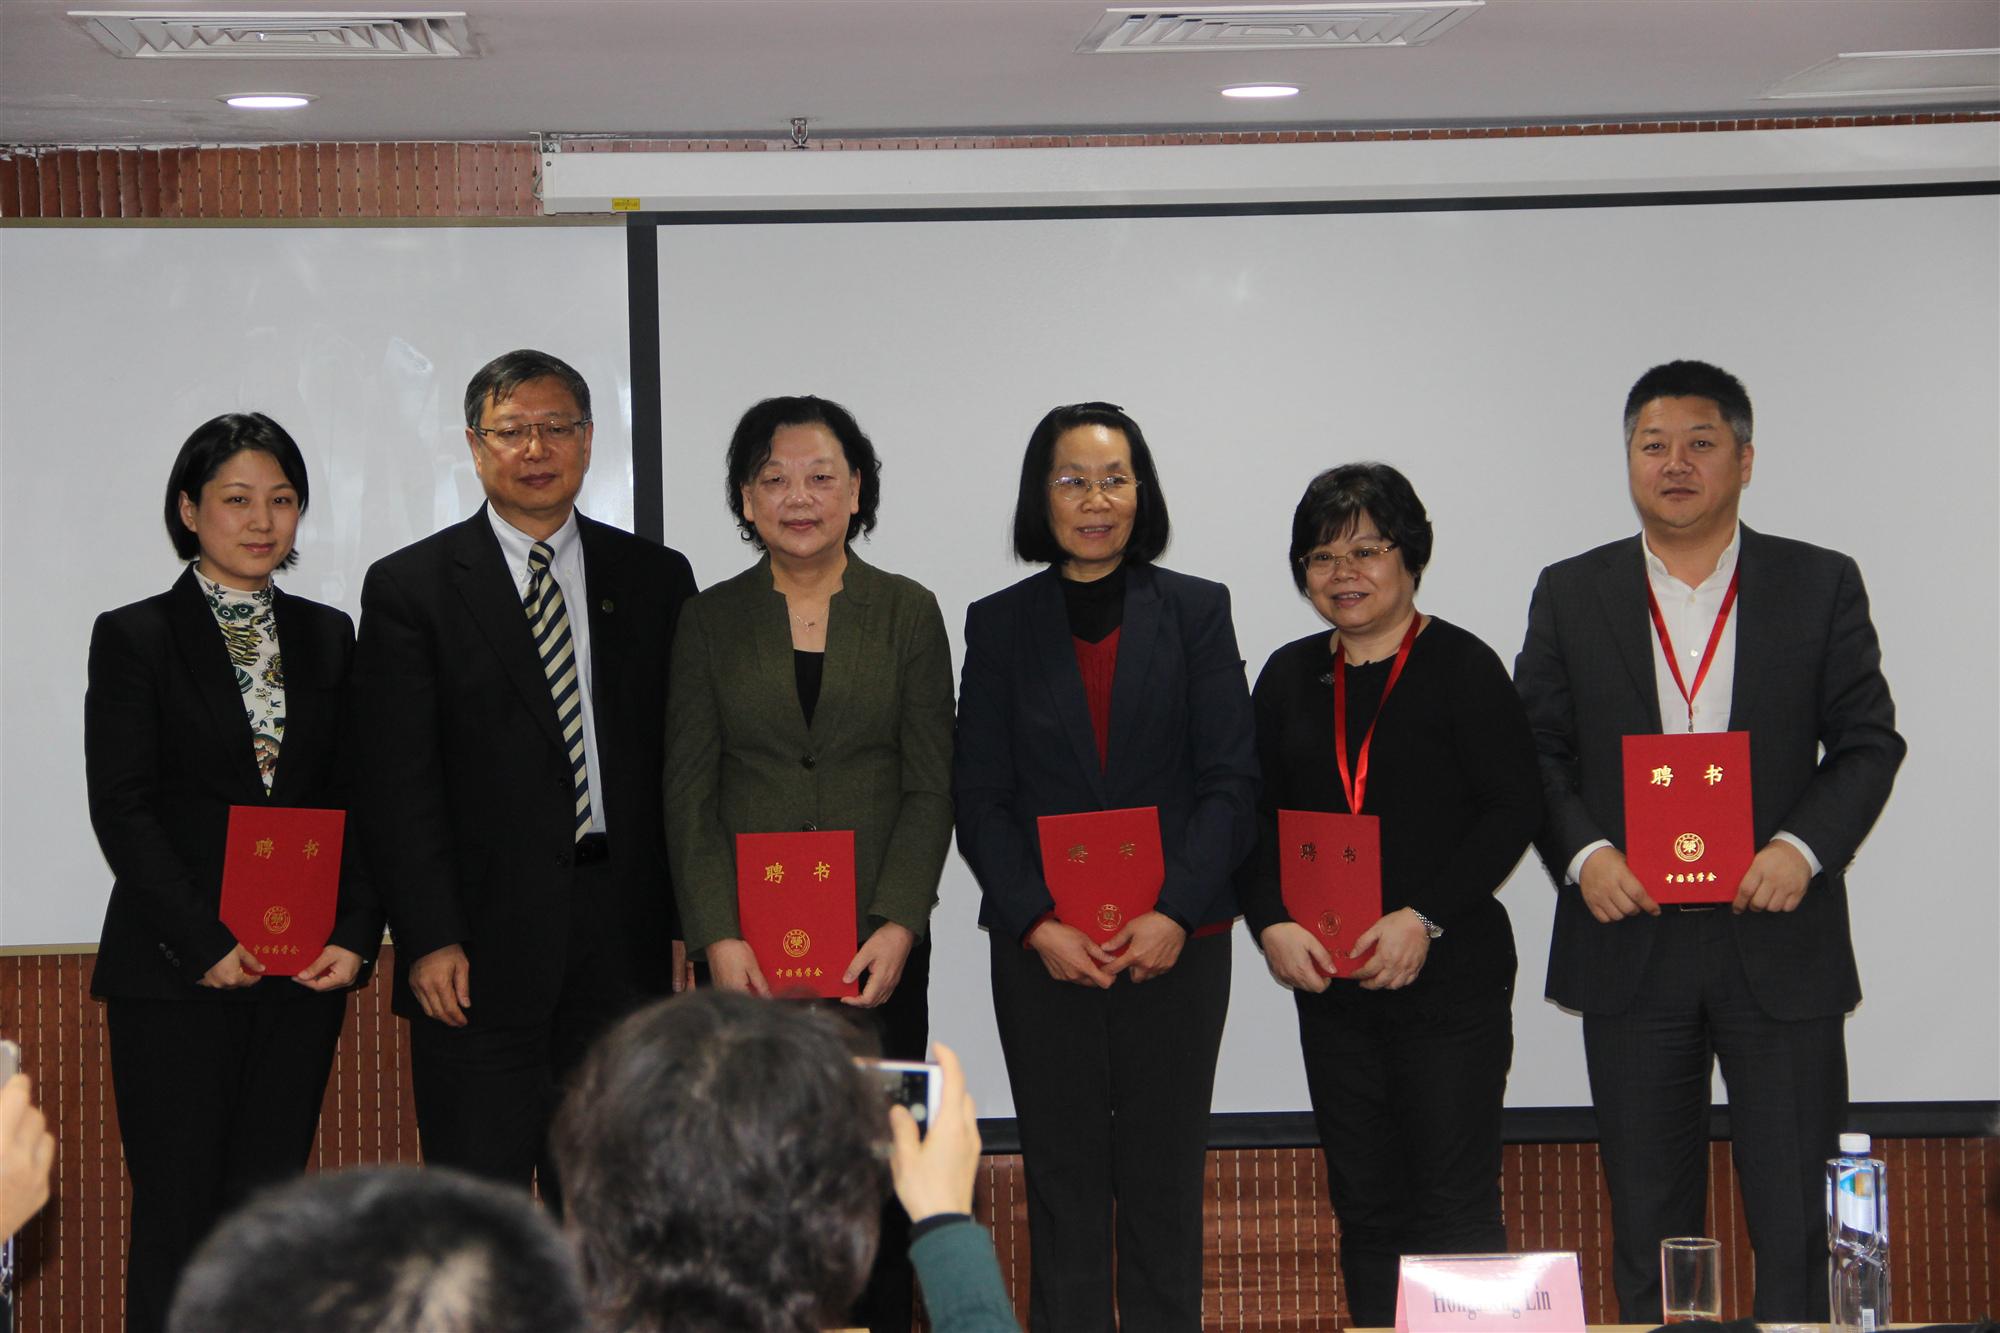 中国药学会中医肿瘤药物与临床研究专业委员会在京成立